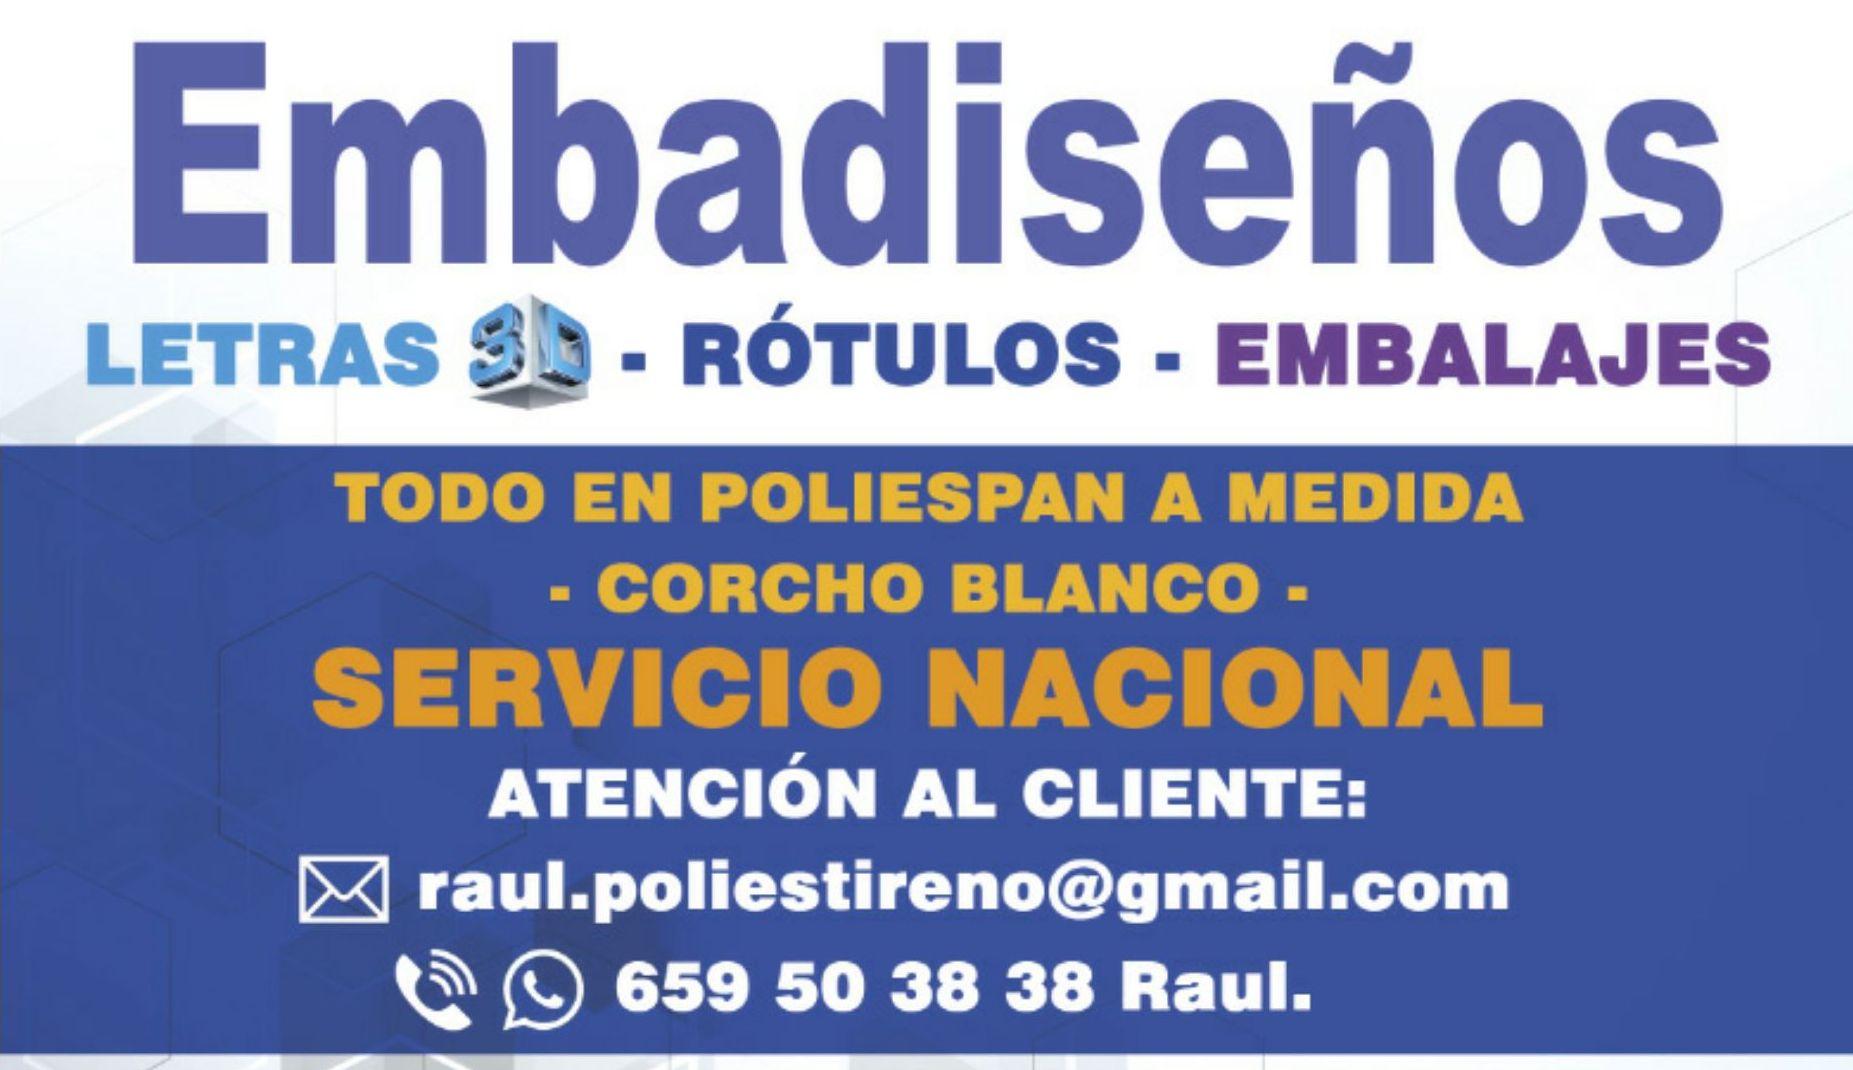 EMBALAJES,INICIALES Y LETRAS 3D GIGANTES DE POLIESPAN A MEDIDA ( CORCHO BLANCO DE ALTA DENSIDAD )